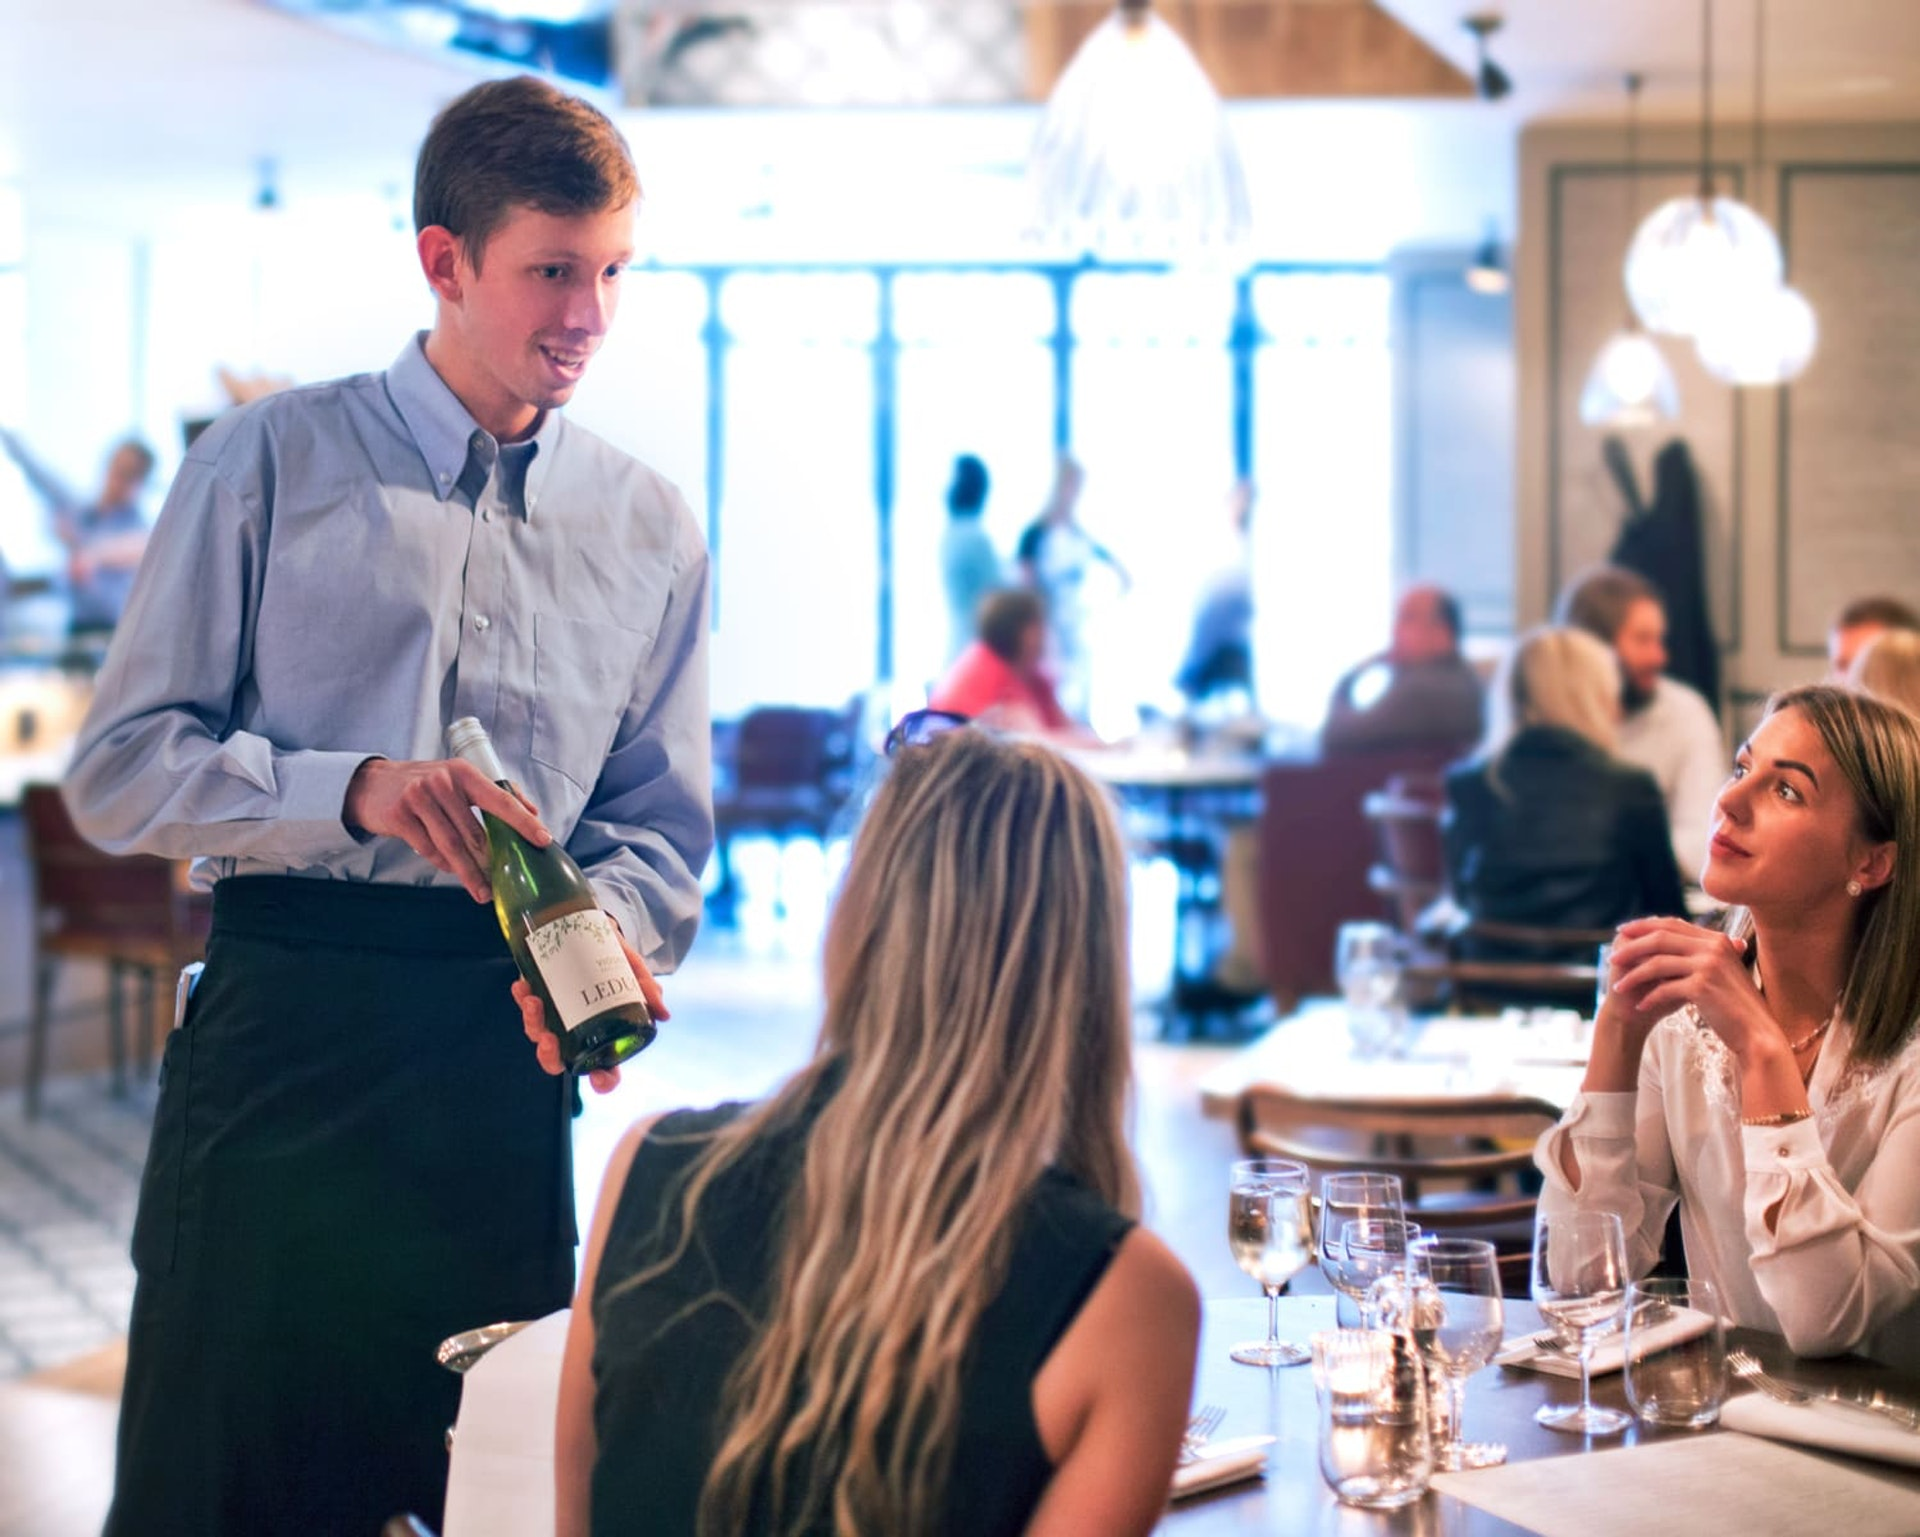 Waiter serving wine in Cote Brasserie restaurant, London